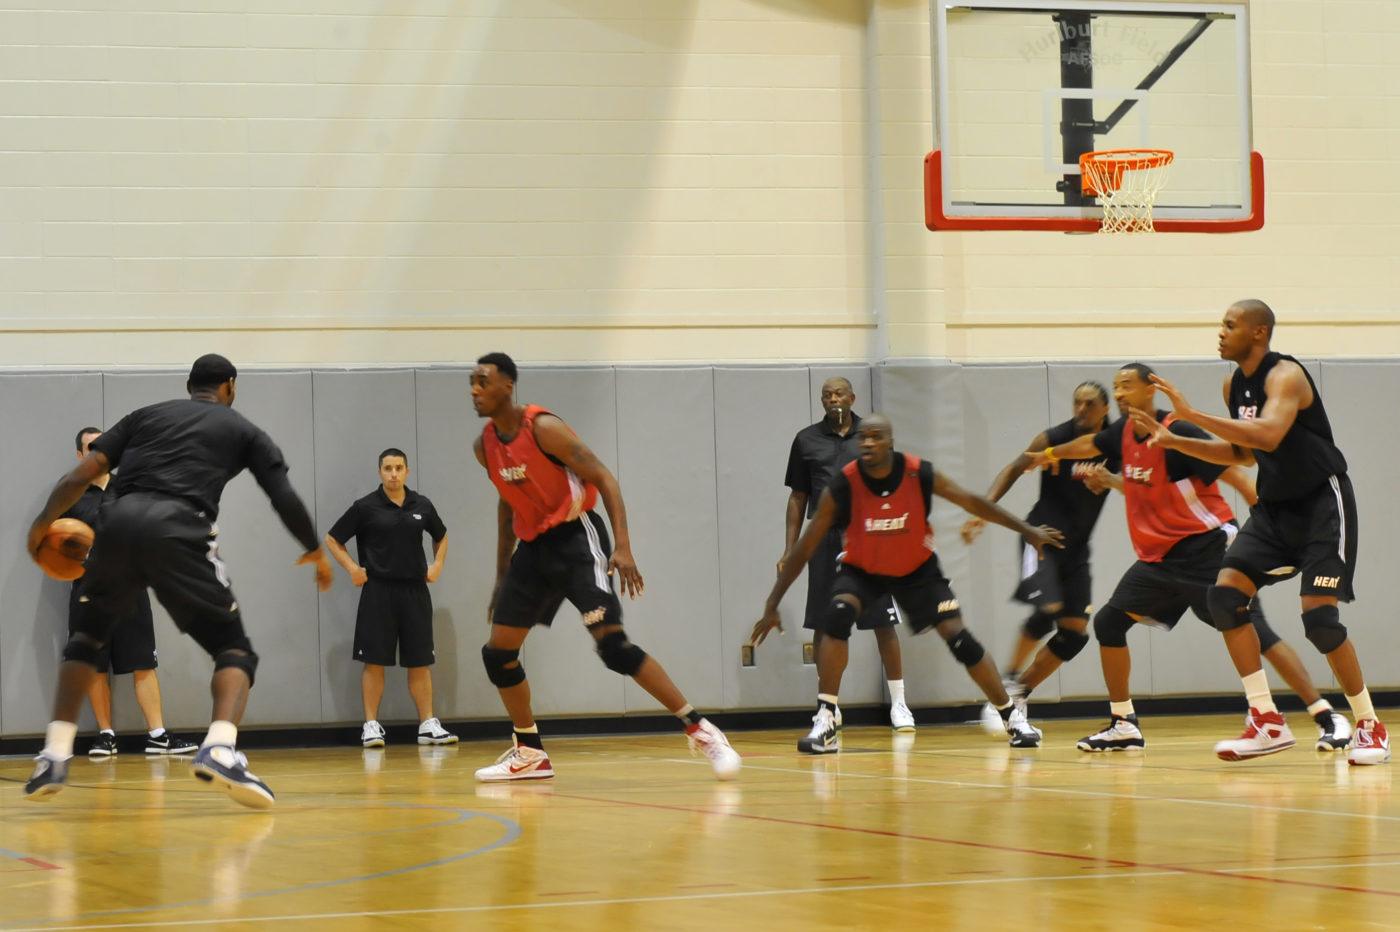 Entrenamiento basket